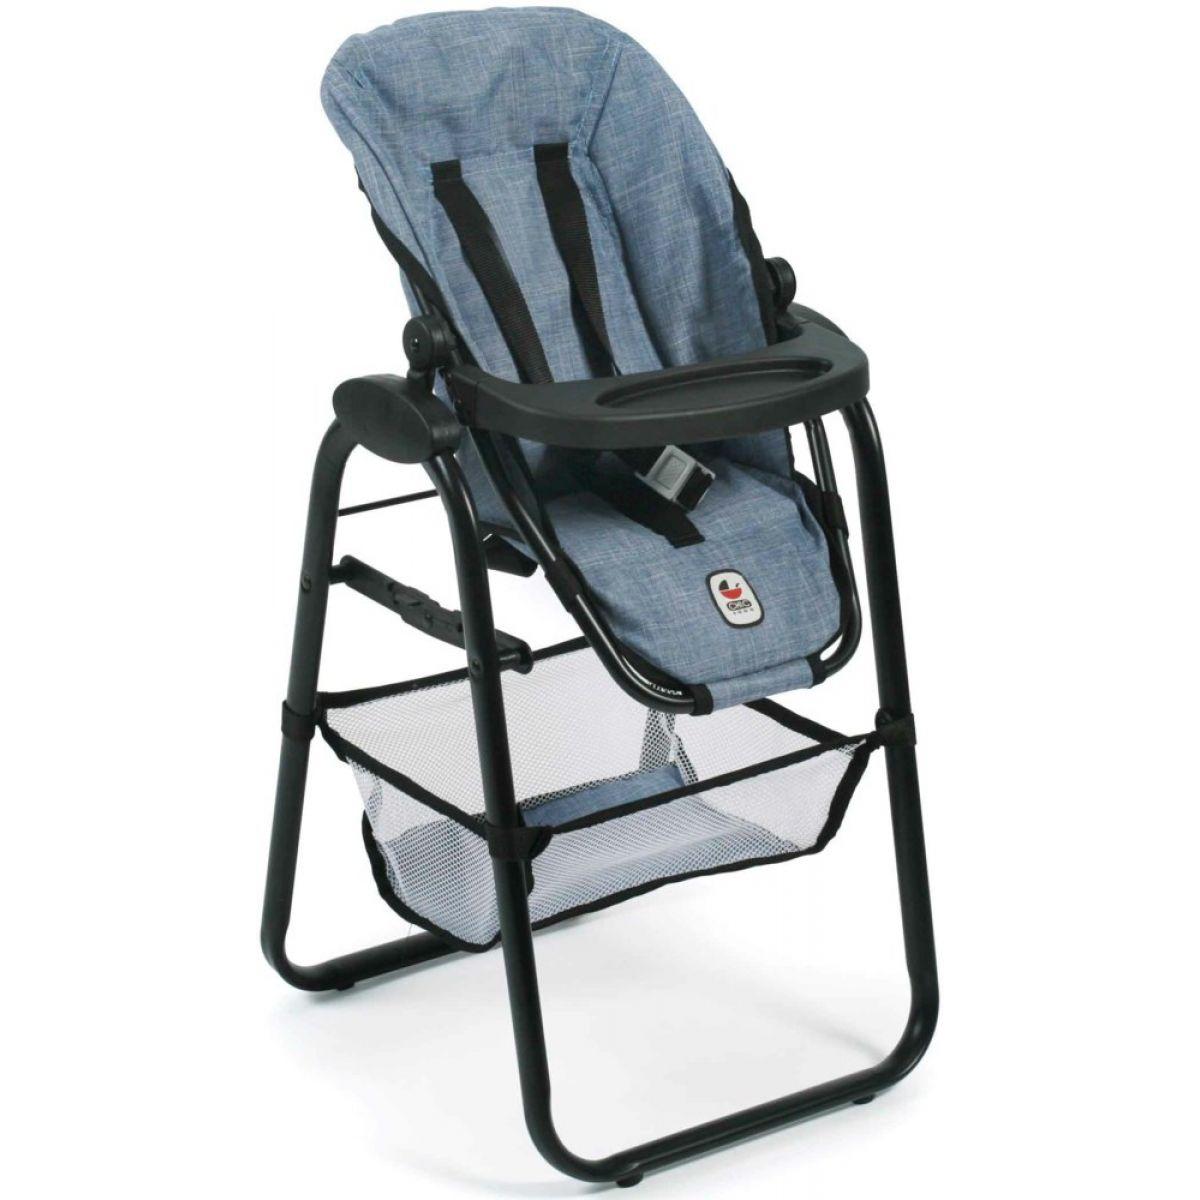 Bayer Chic Jídelní židlička pro panenku - Jeans modrá